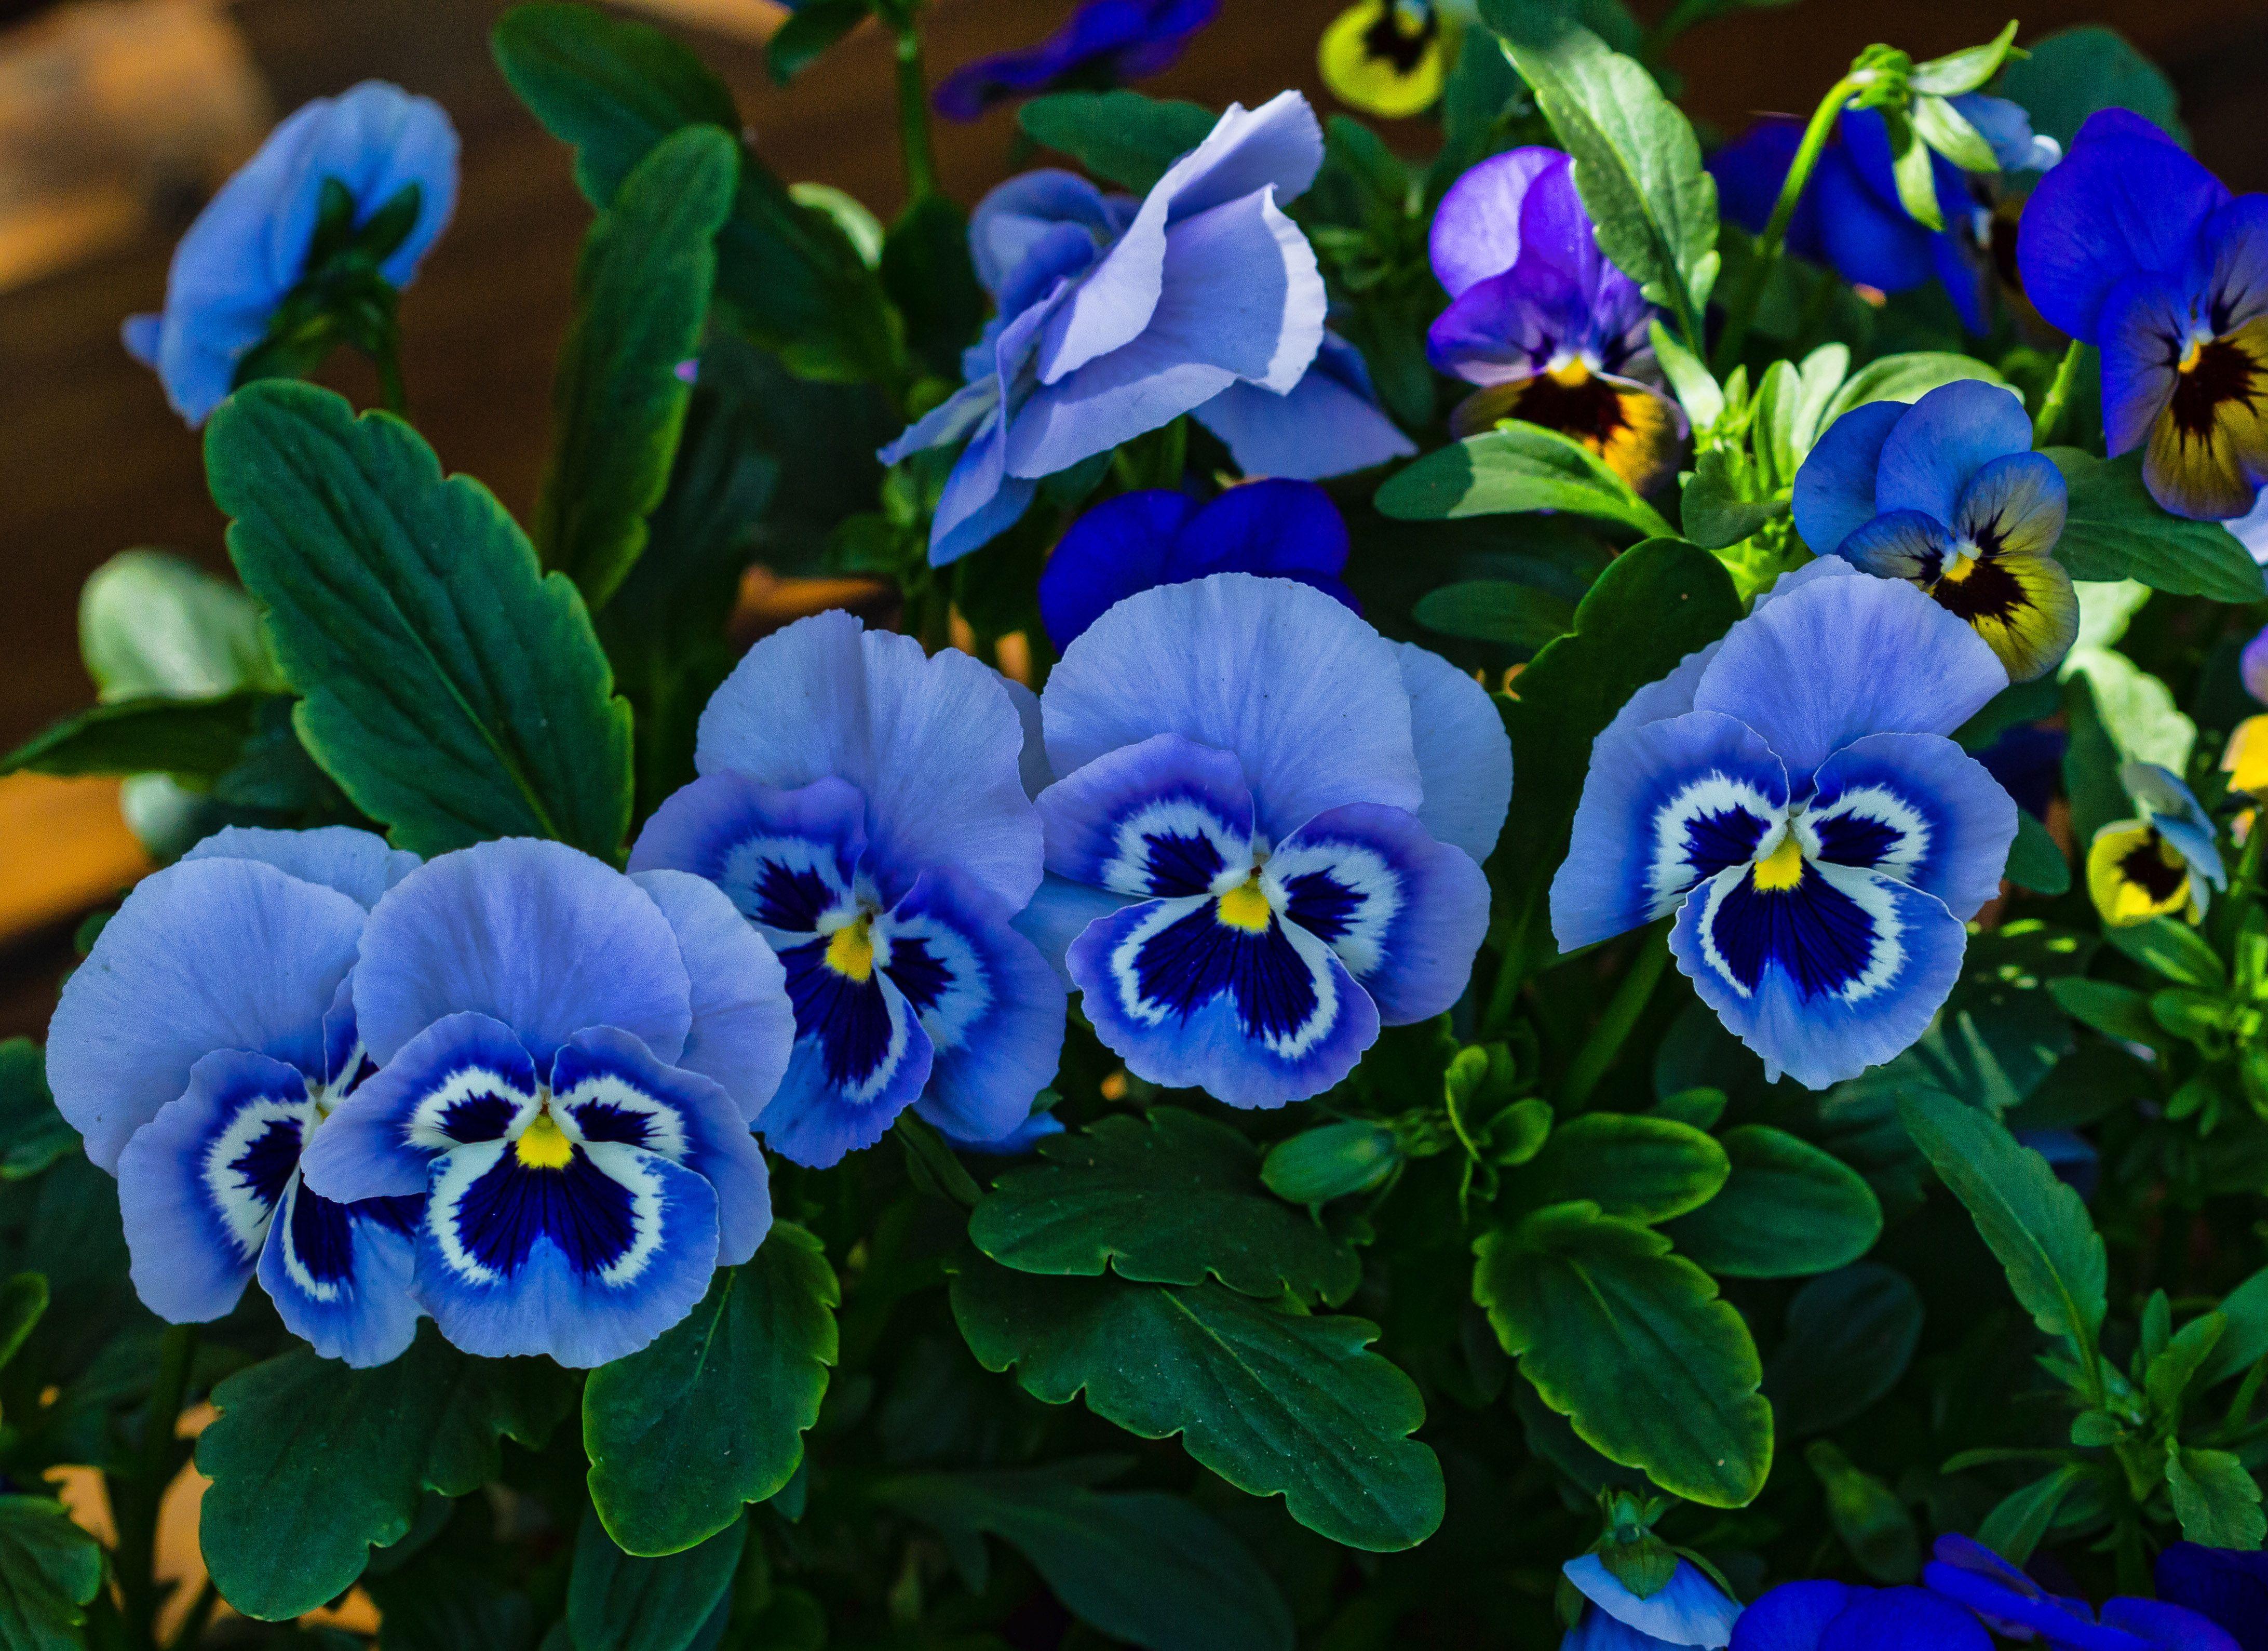 мальчика, изображенные синие живые цветы названия и фото прав, теперь